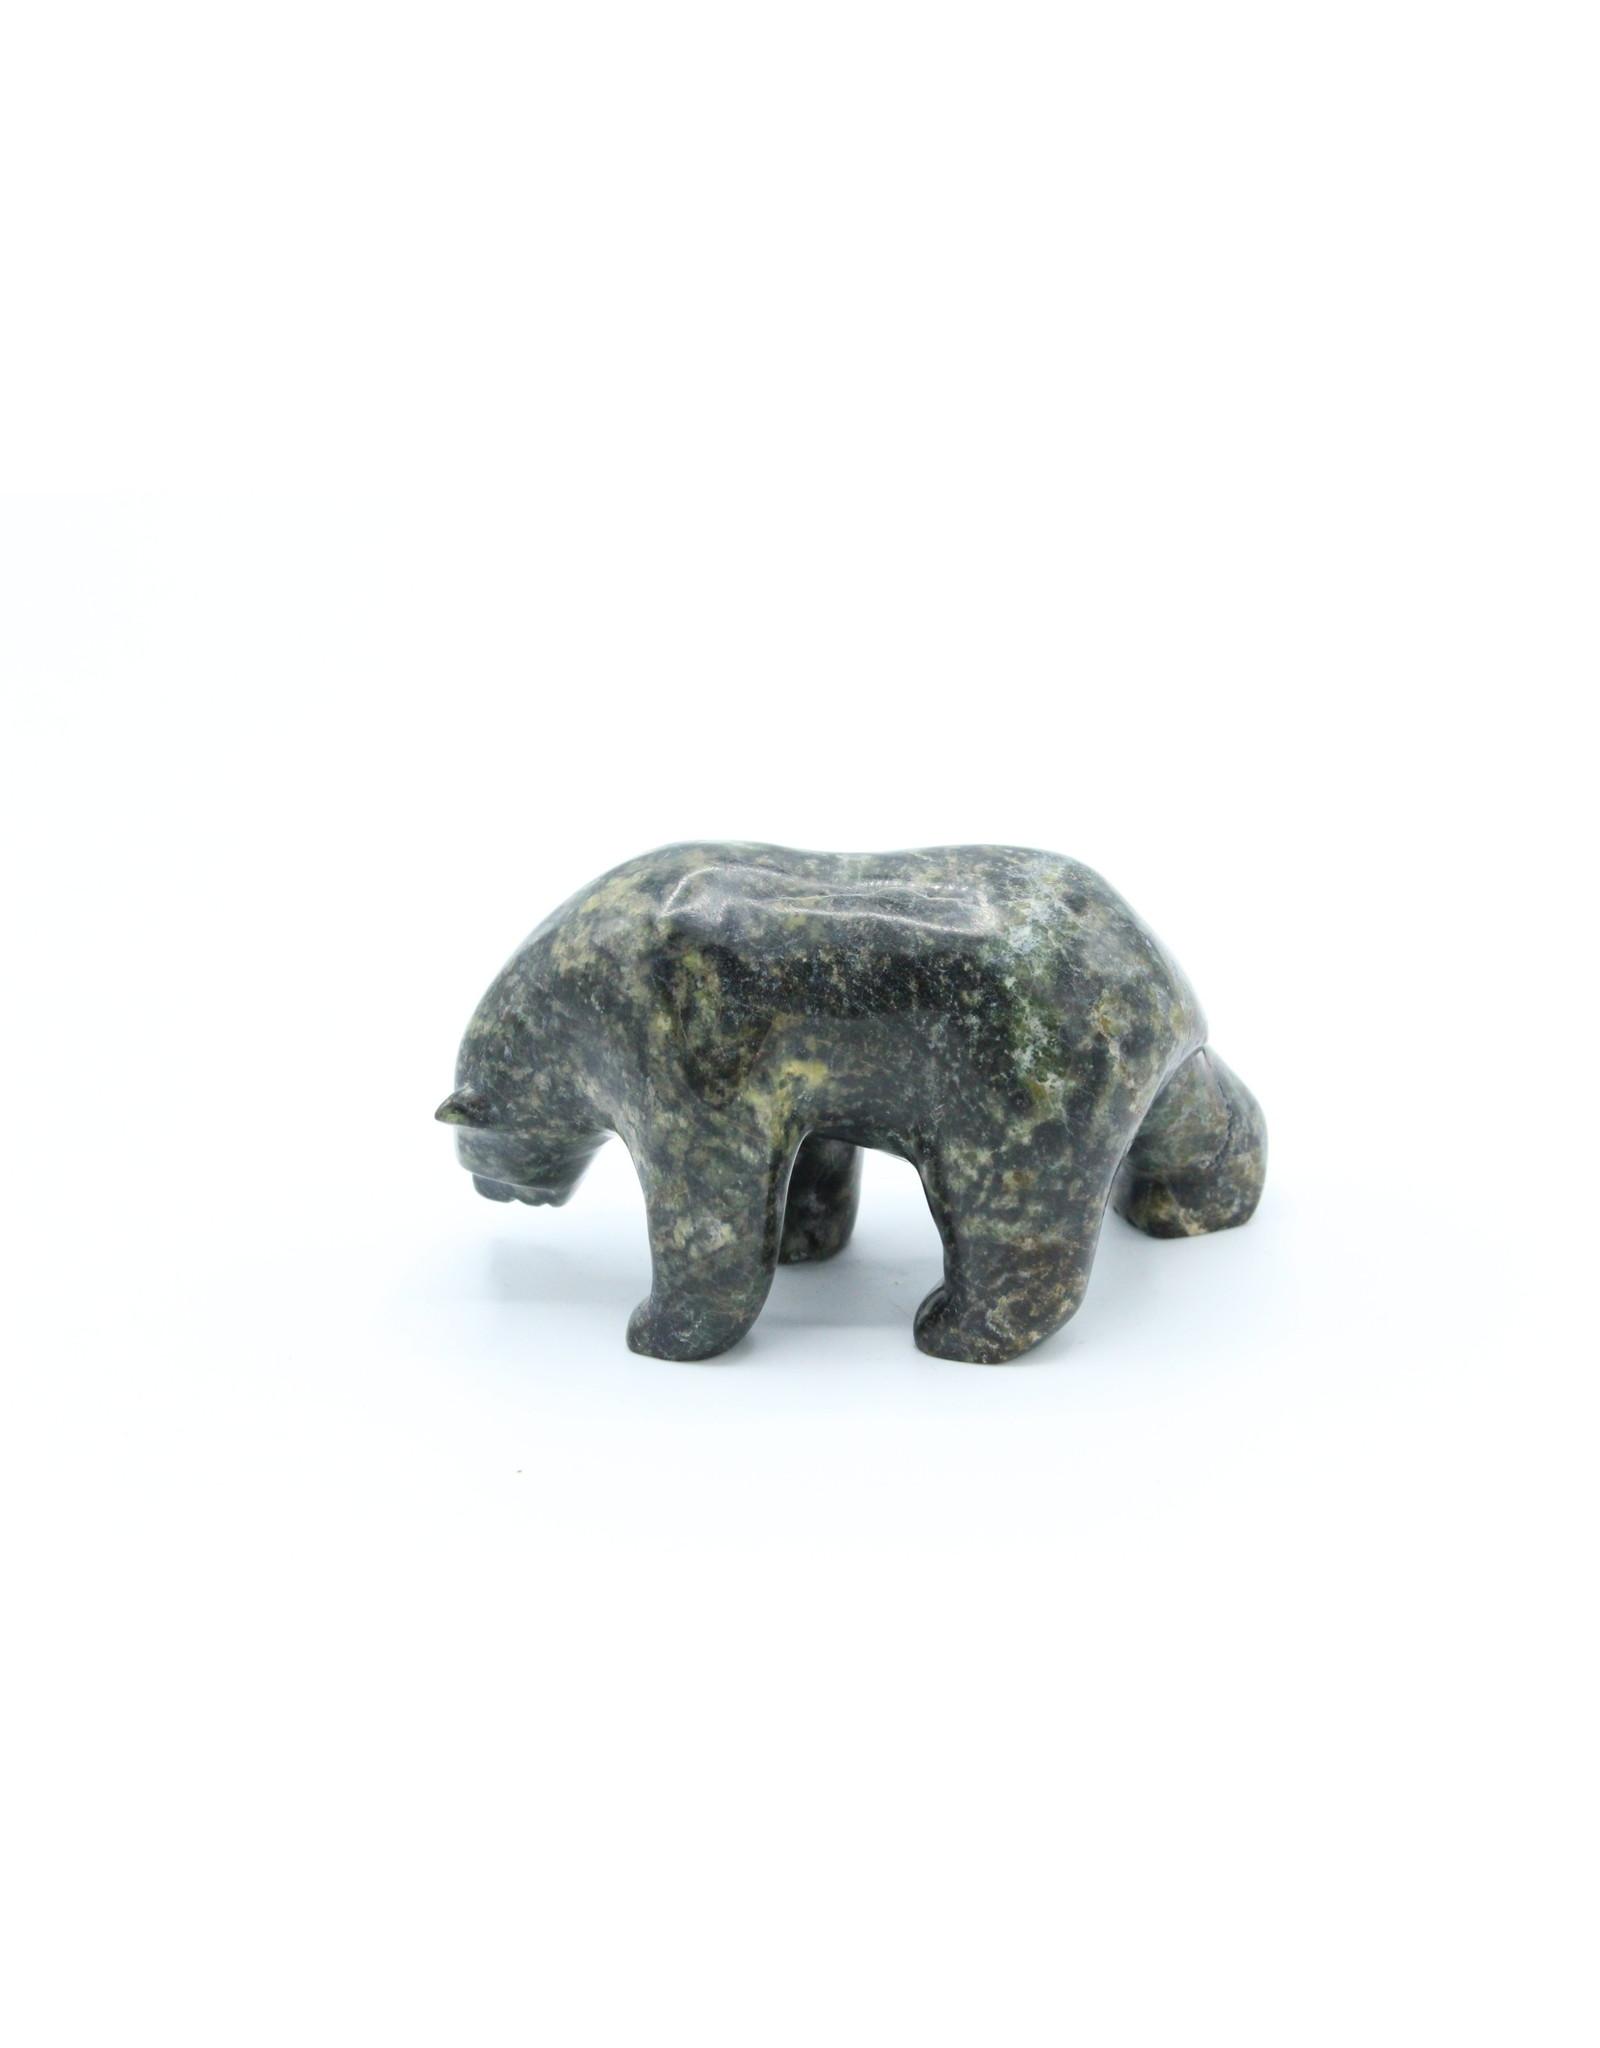 981103 Bear by Tony Ohutaq